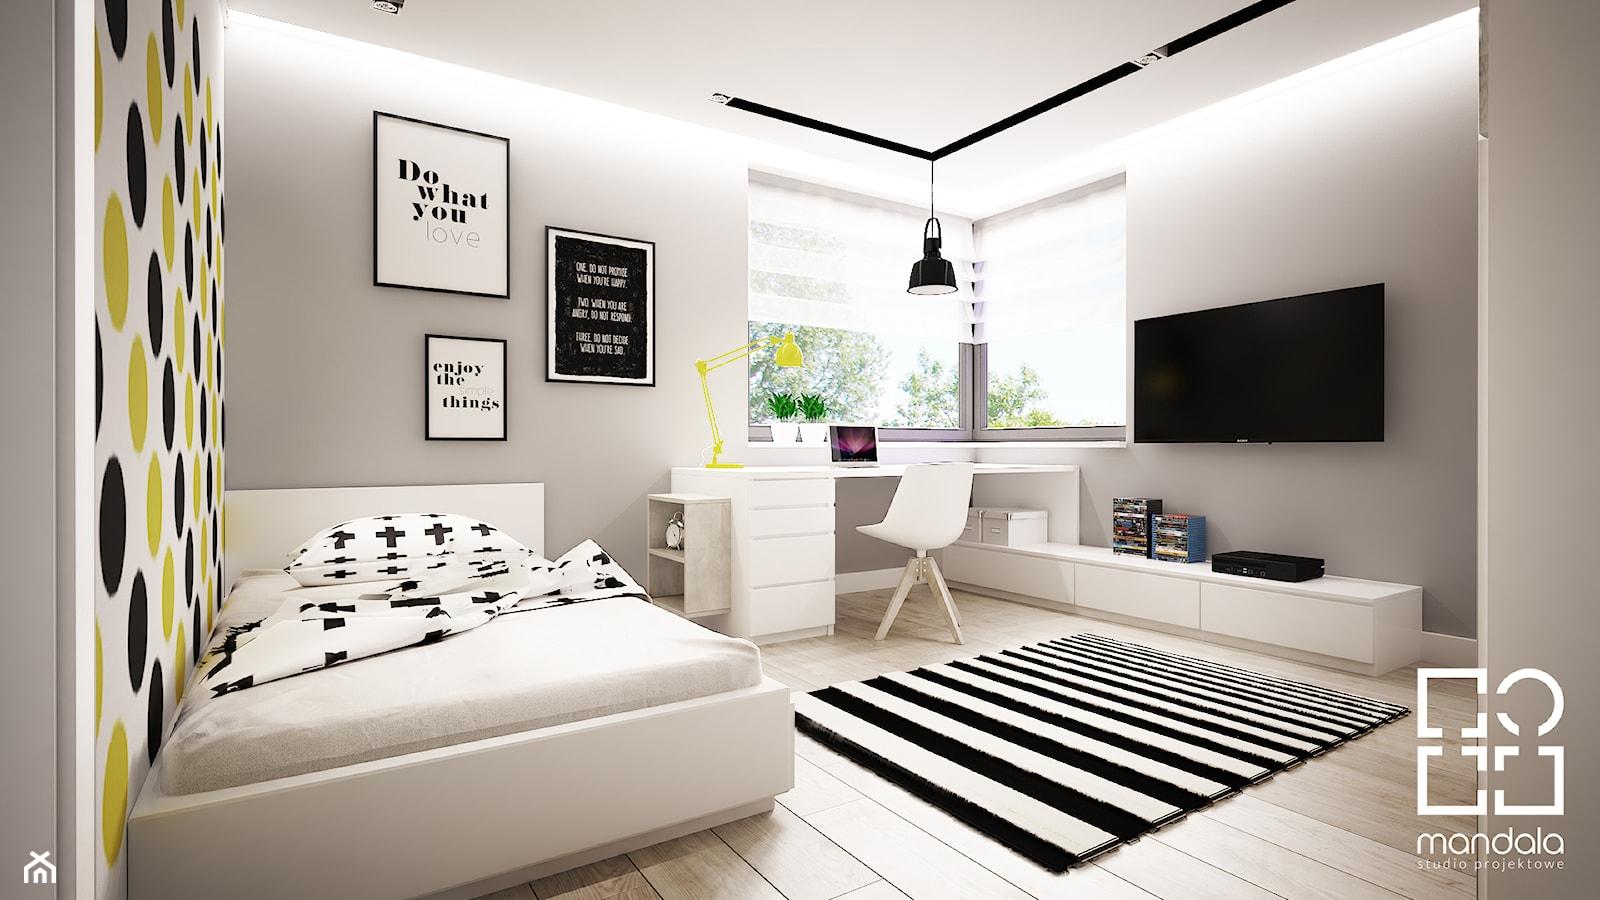 Pokoik dla chłopca 15 m2 - zdjęcie od studio_projektowe_mandala - Homebook